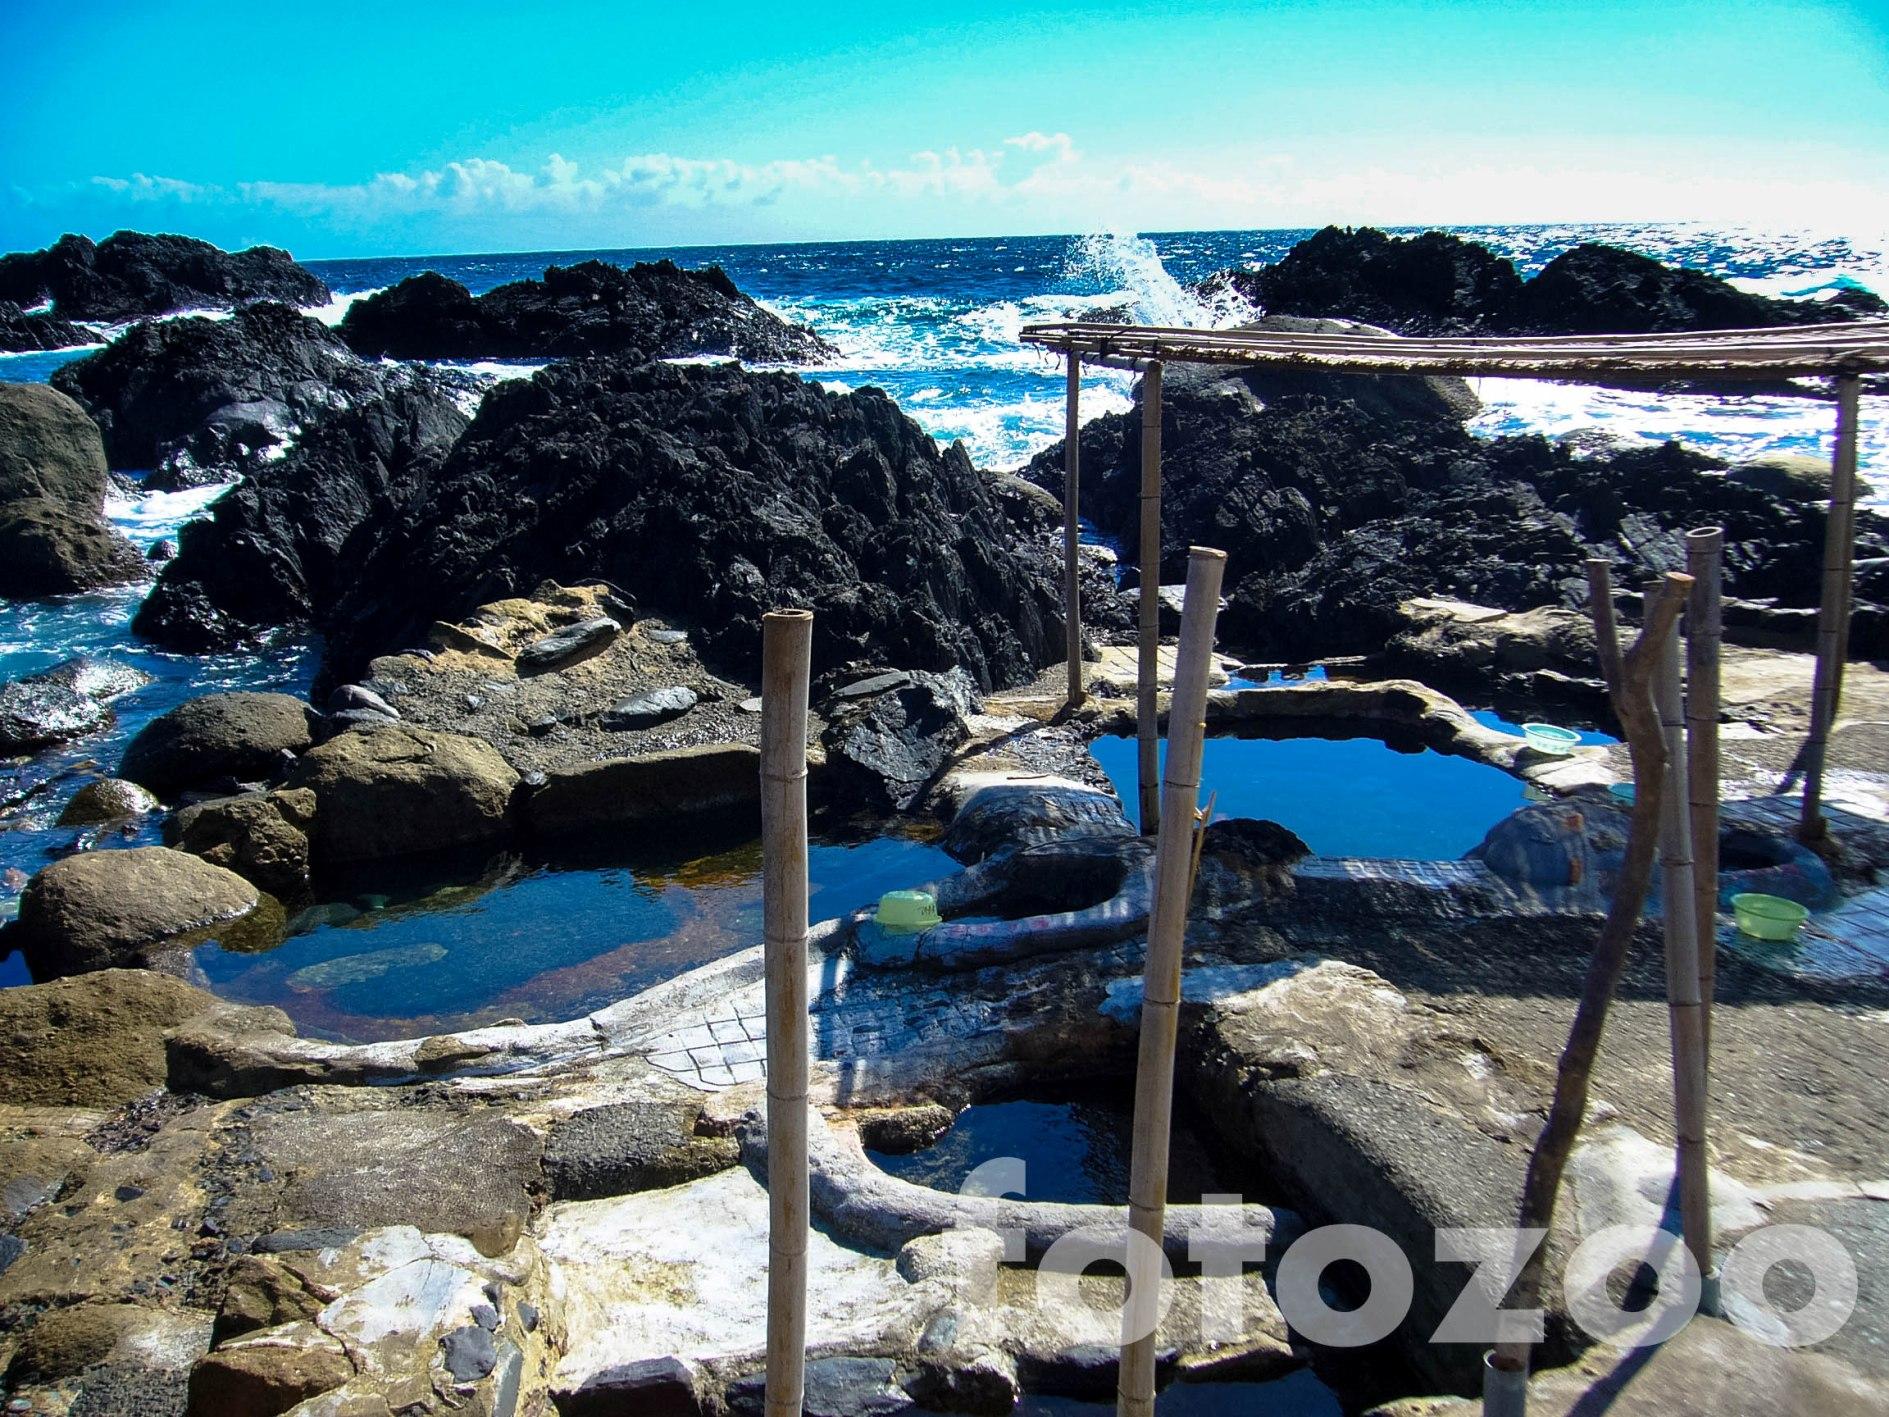 Hirauchi természetes gyógyfürdője csak apálykor válik láthatóvá. Fantasztikus élmény a forró vízből élvezni a visszahúzódó óceánt.